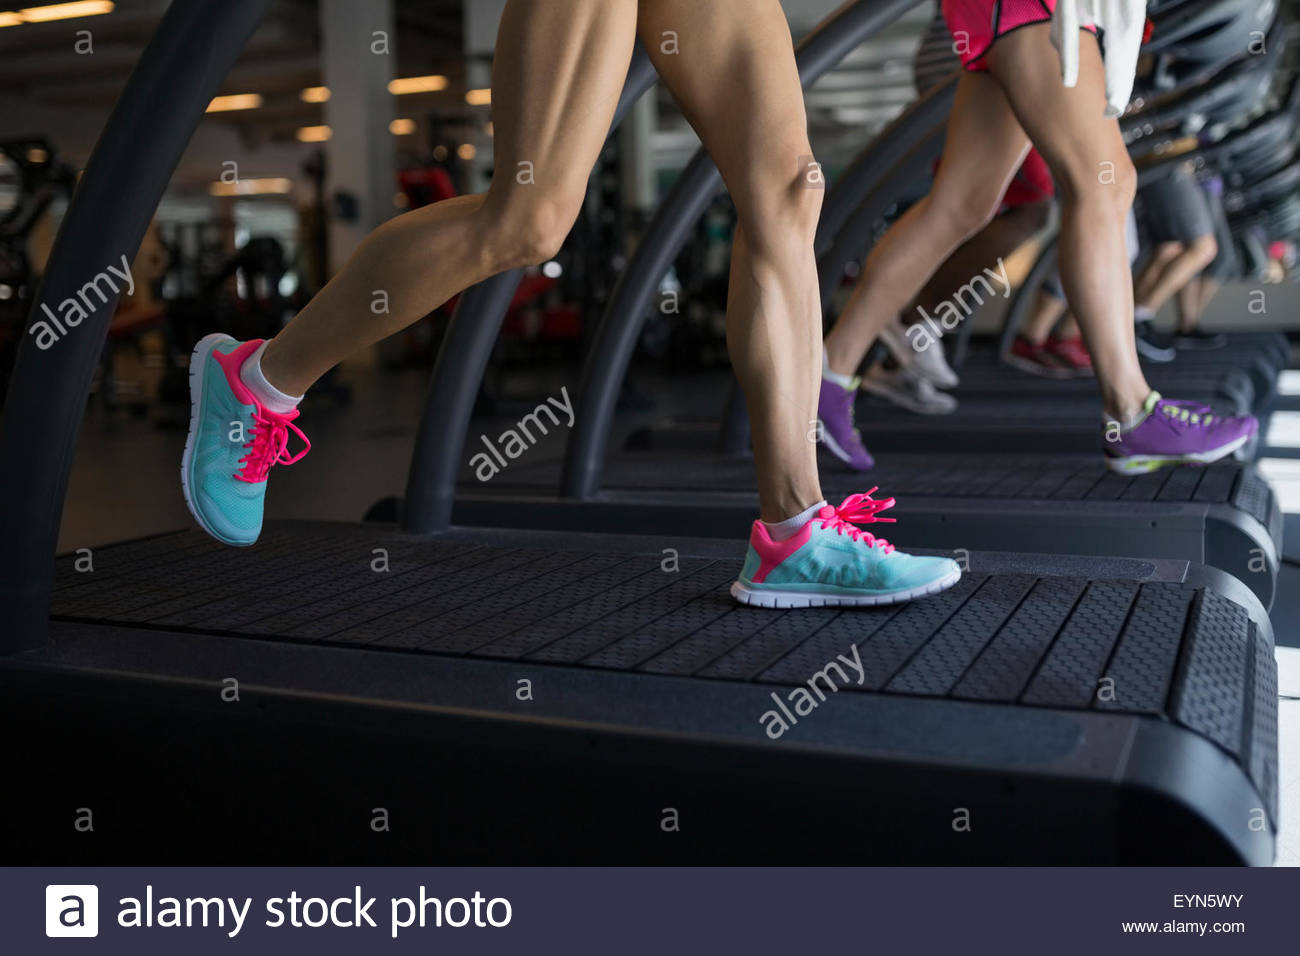 Beine der Frauen läuft auf Laufband im Fitnessstudio Stockbild